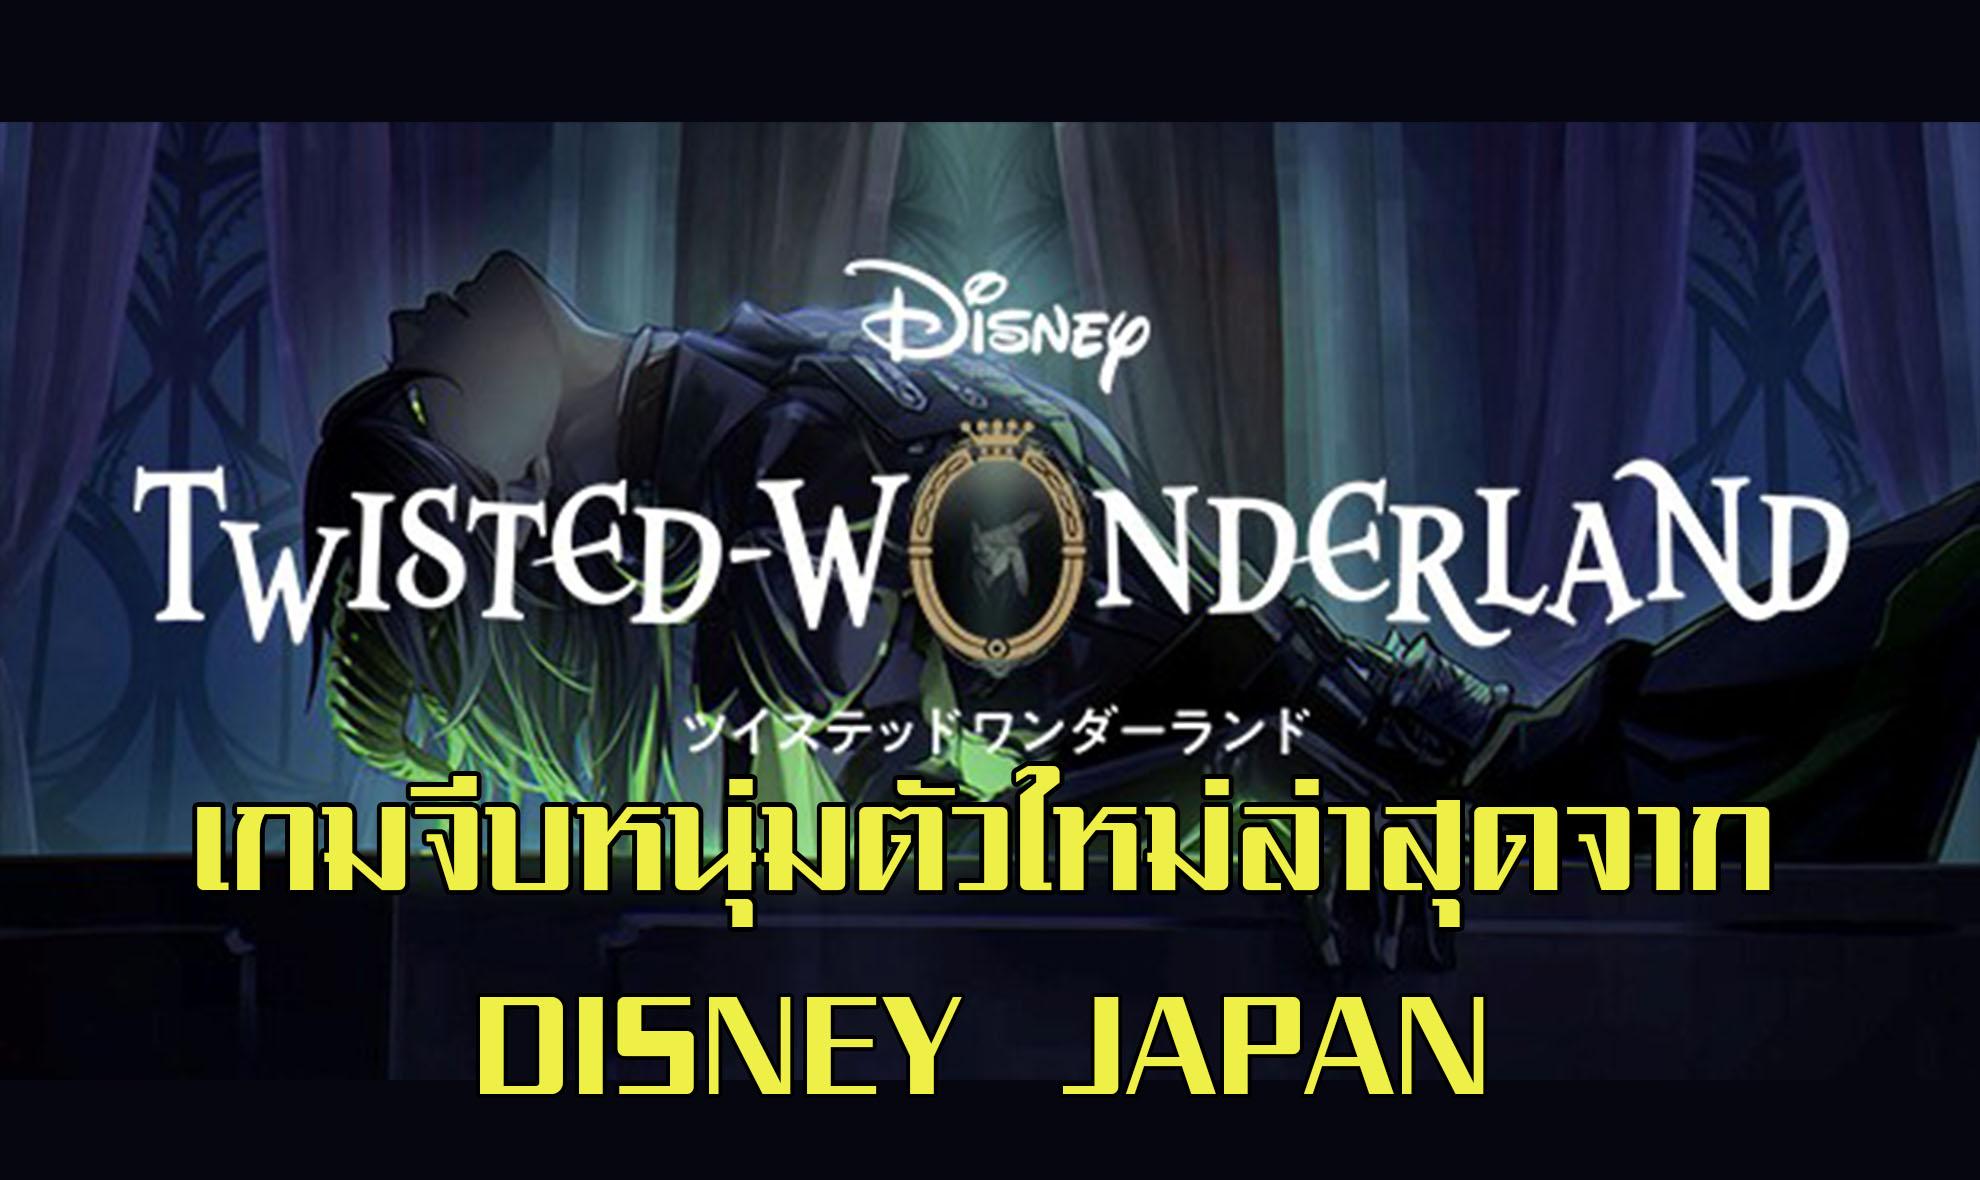 สาวๆเตรียมกรี๊ดกับเกมจีบหนุ่มตัวใหม่ล่าสุดจาก Disney Japan : DISNEY TWISTED – WONDERLAND